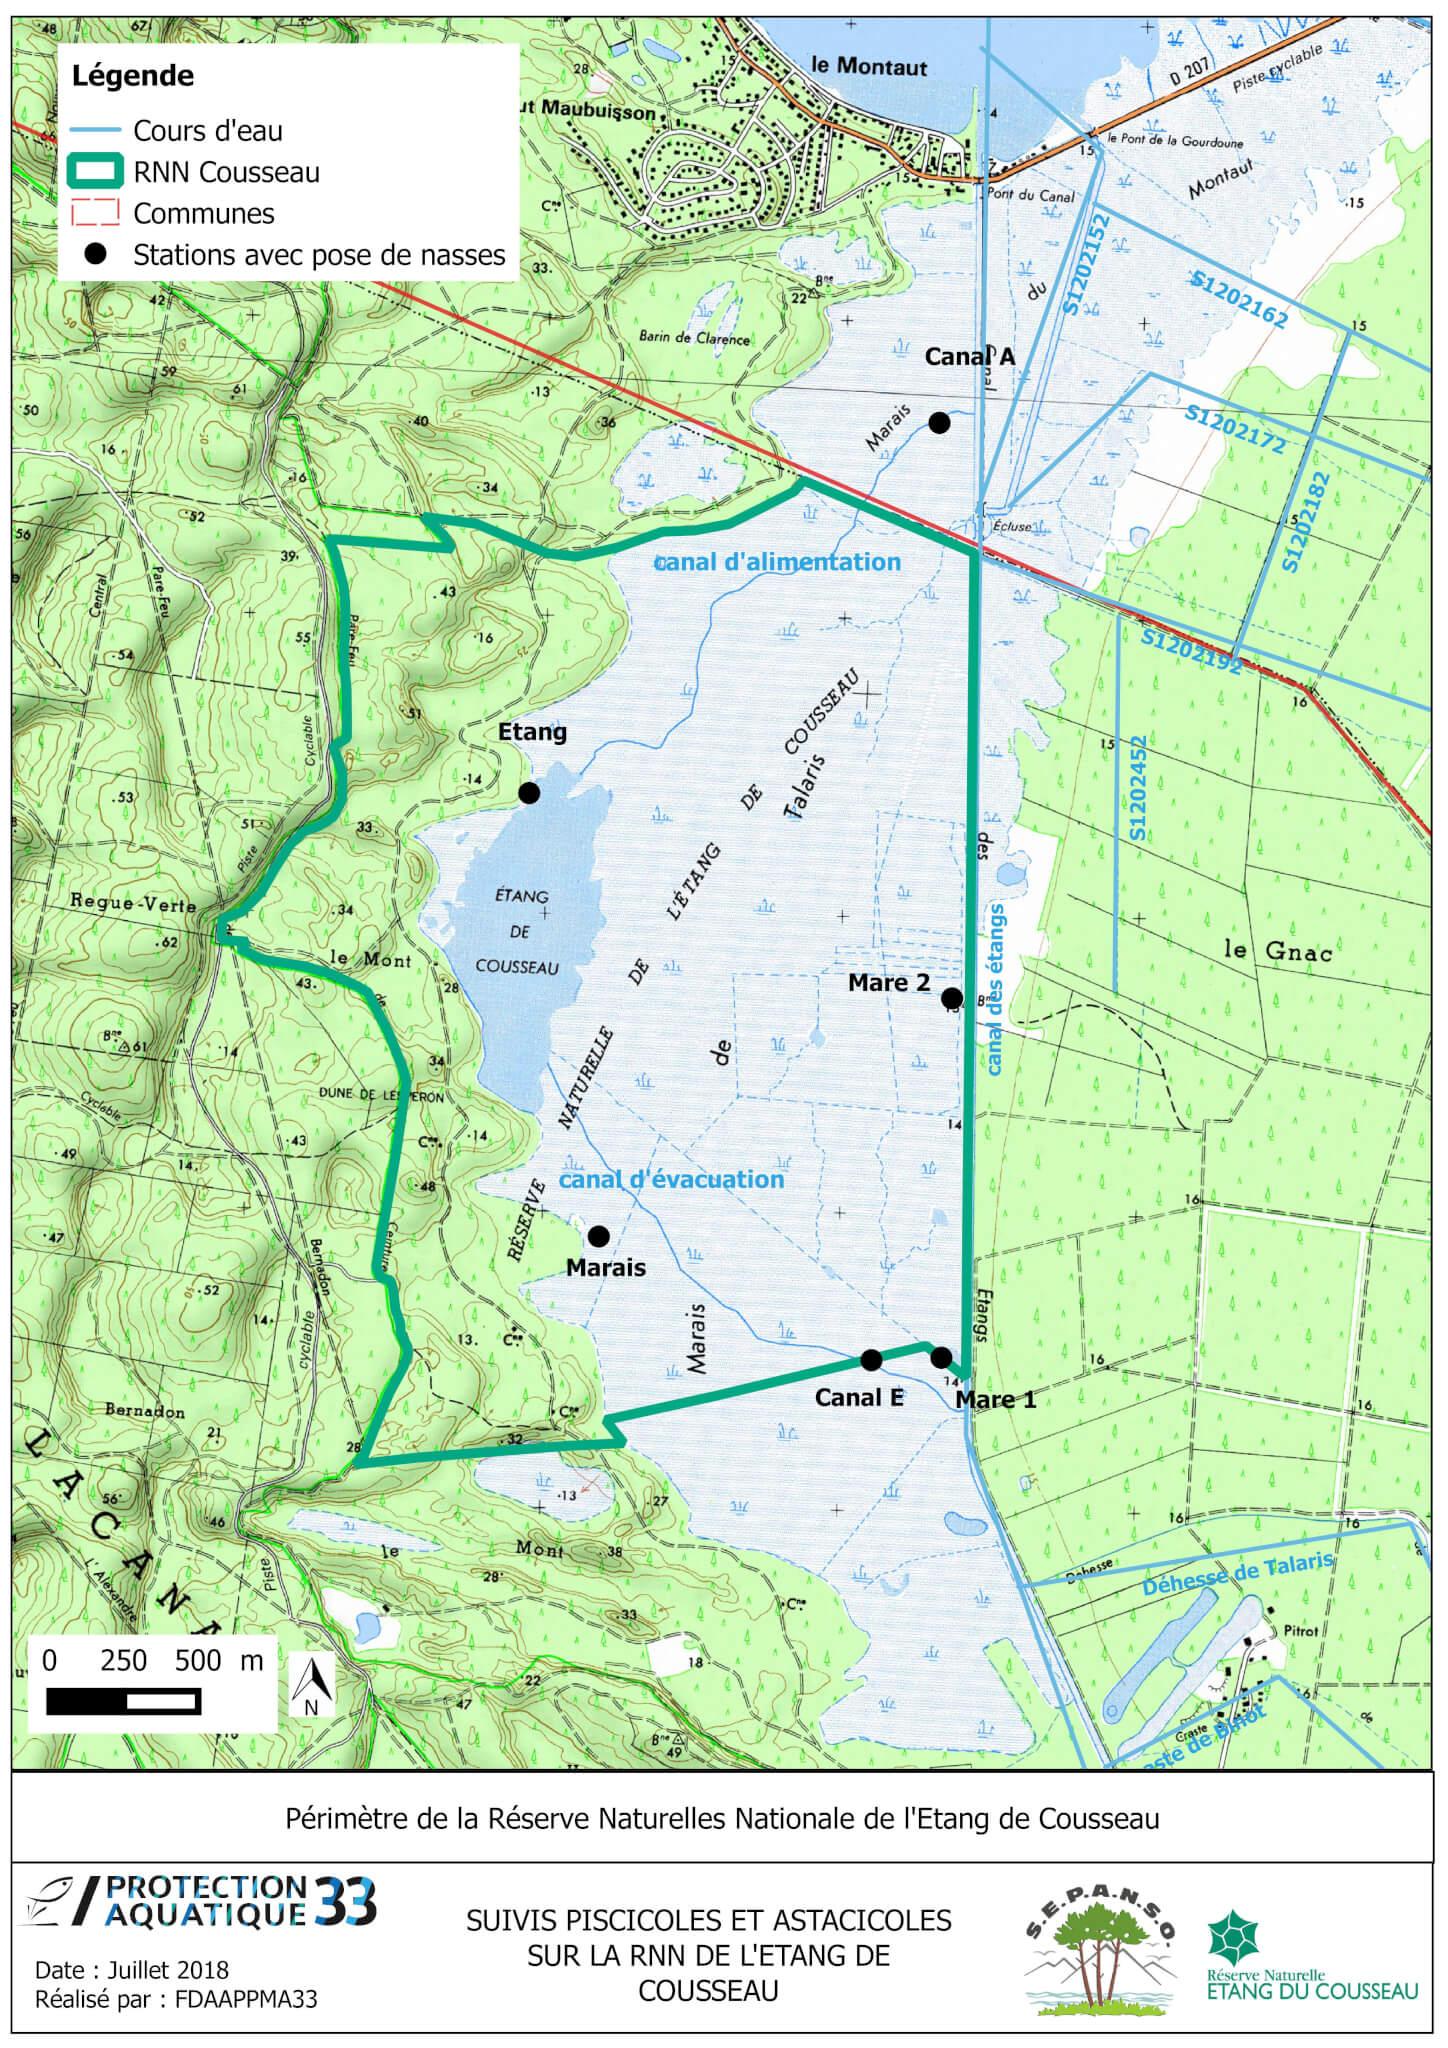 La Réserve Naturelle Nationale de l'étang de Cousseau